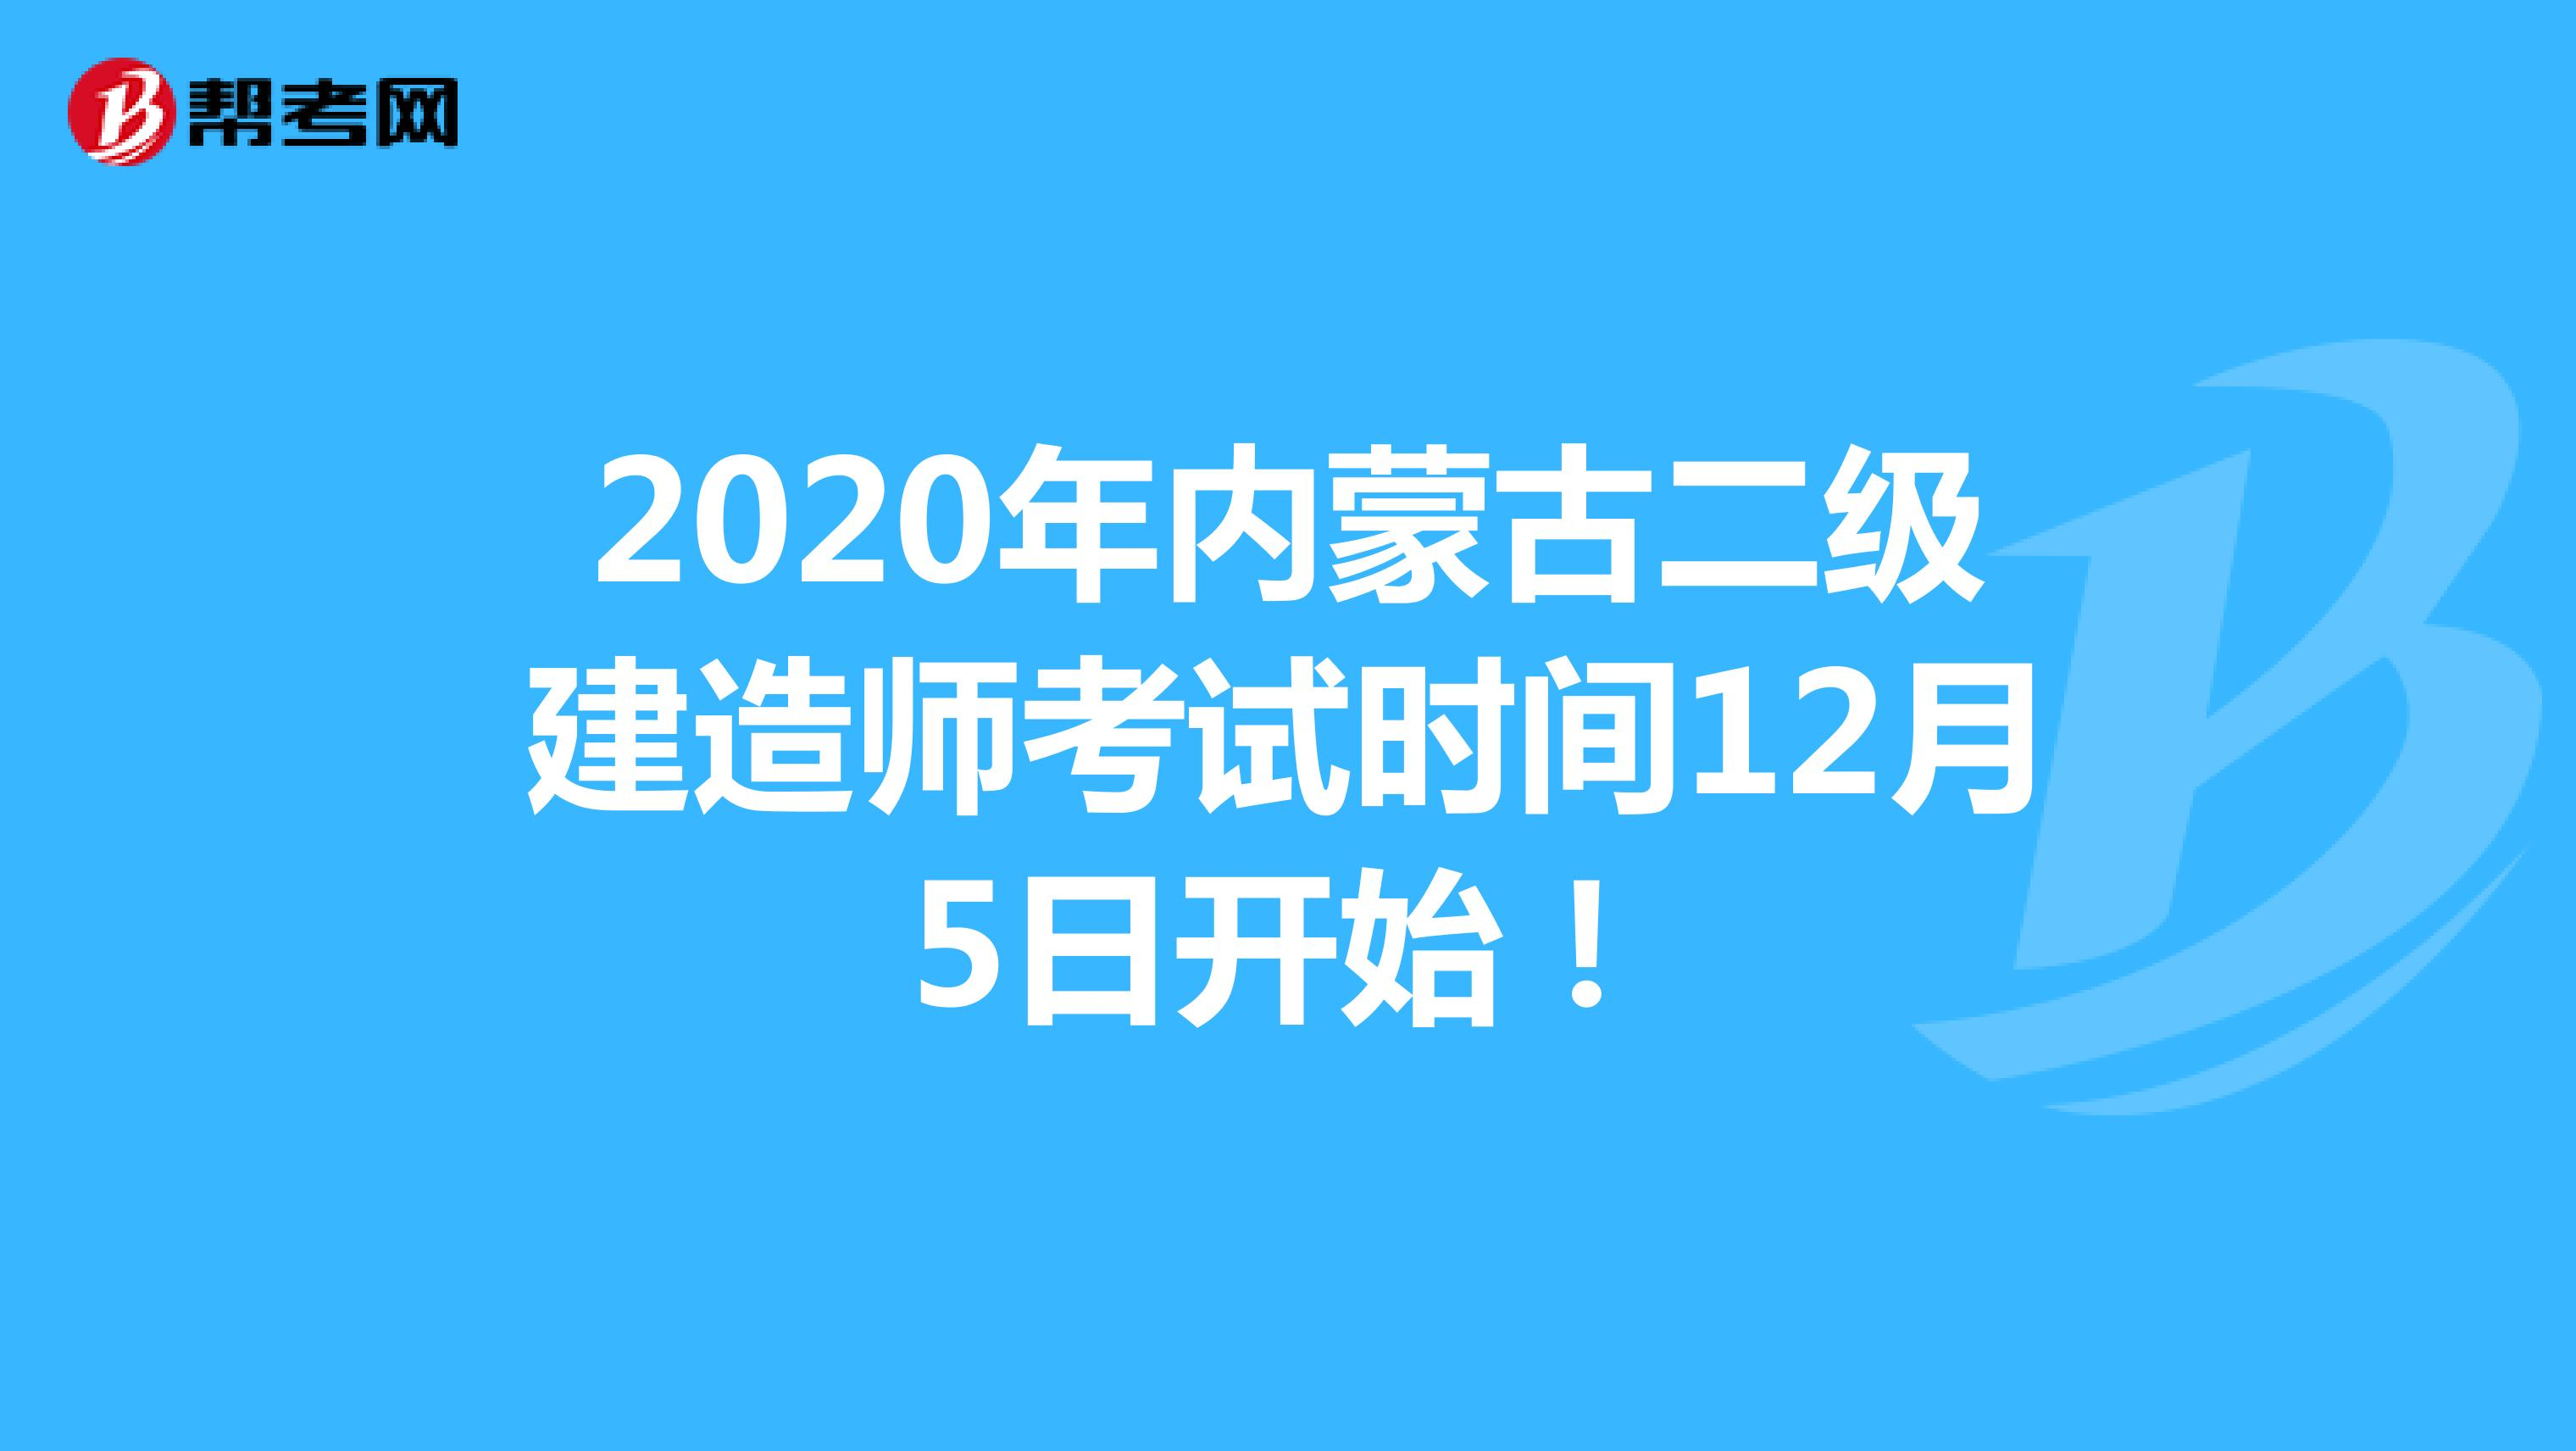 2020年内蒙古(hot88体育官网)二级建造师考试时间12月5日开始!